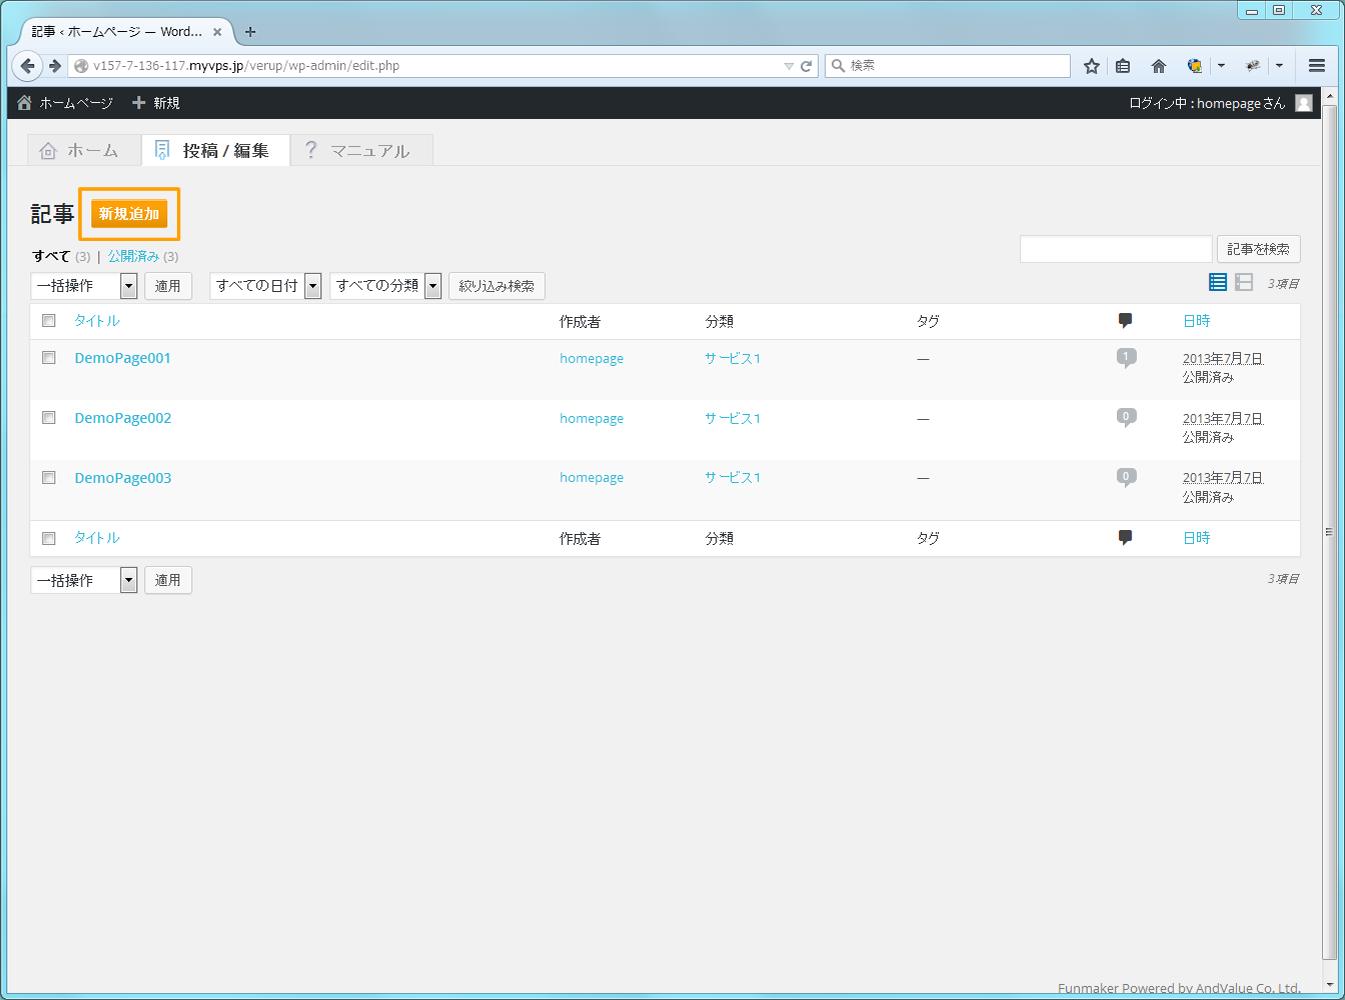 投稿/編集一覧画面 新規追加 | 初期費用無料ホームページ作成サイト - FunMaker